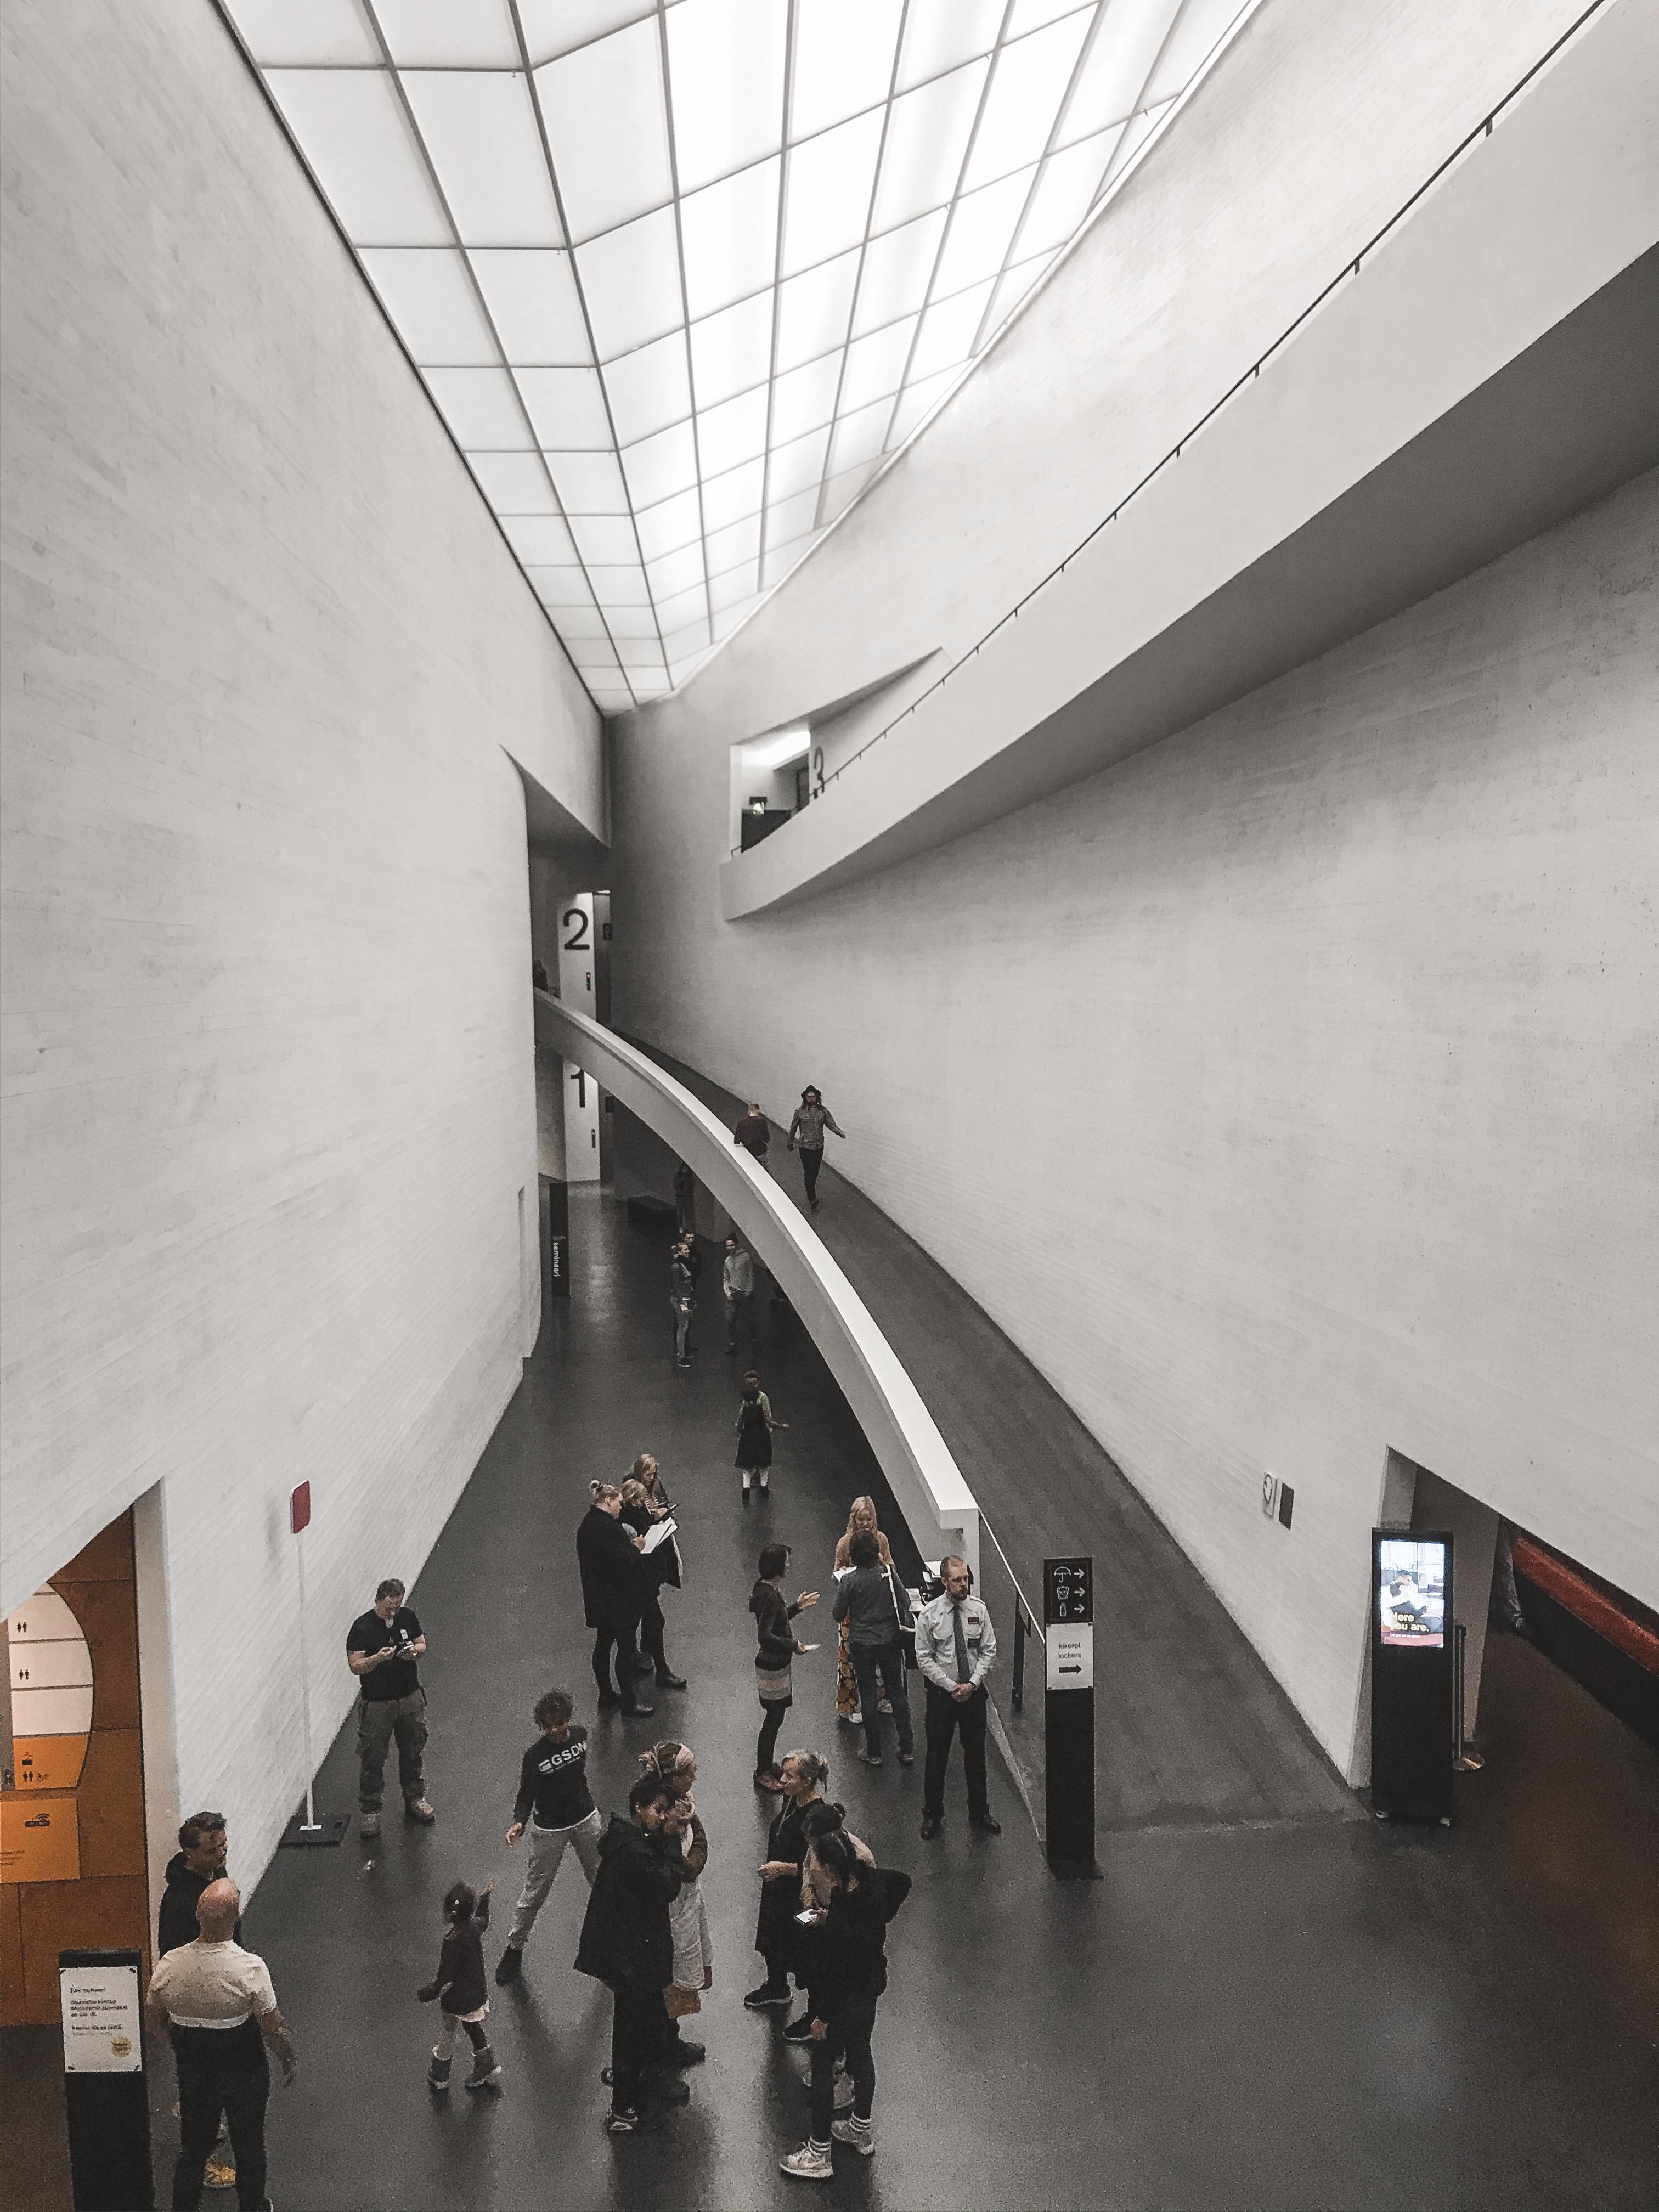 Kiasma Modern Art Museum in Helsinki, Finland